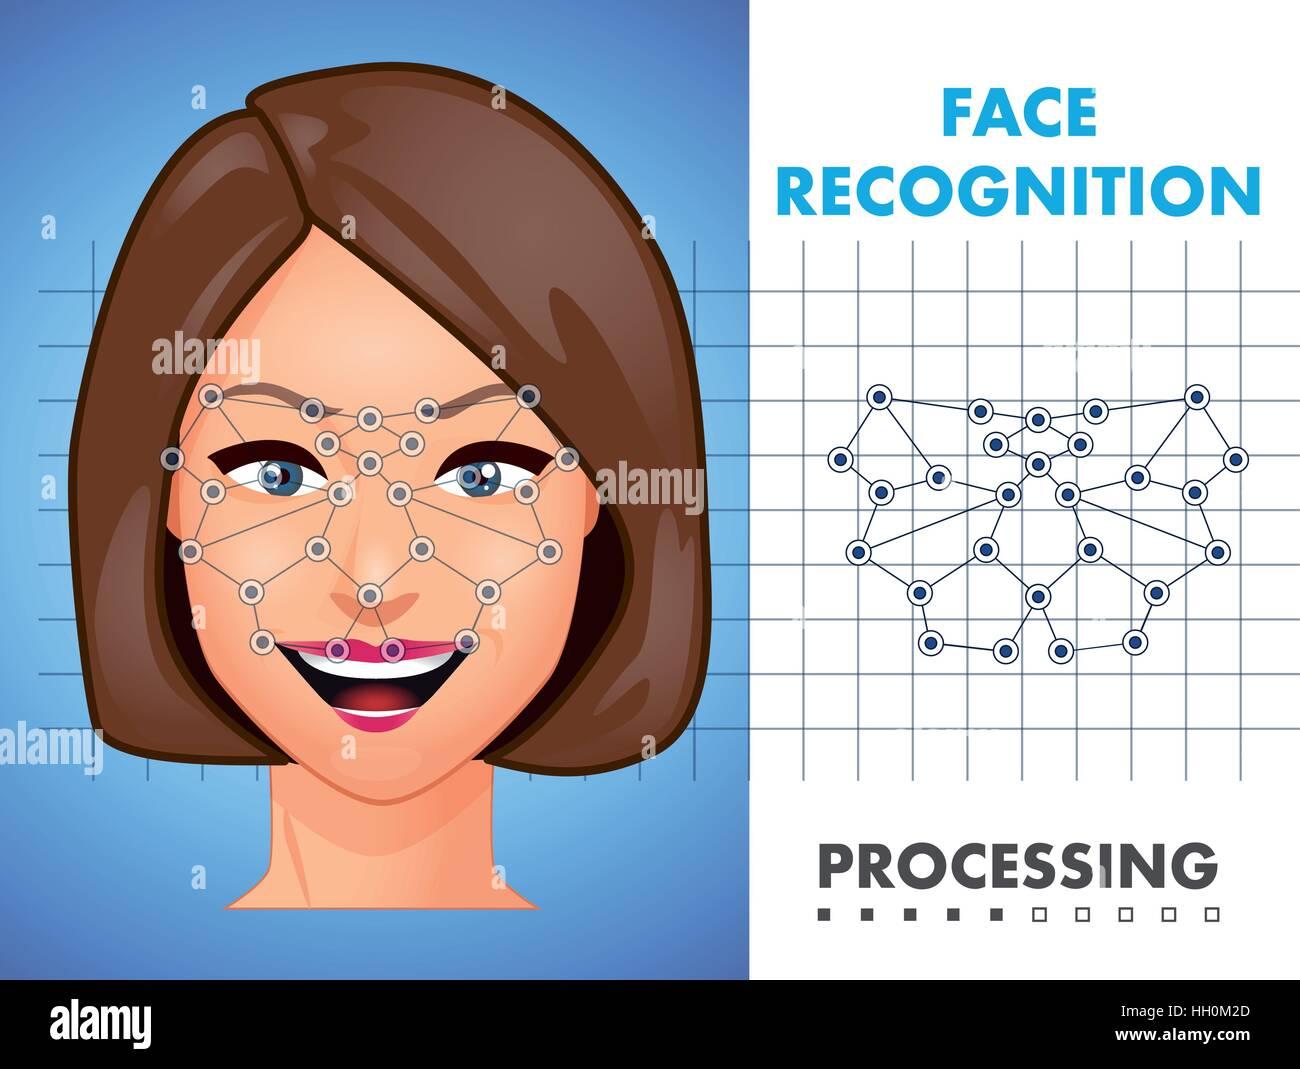 Gesichtserkennung Englisch